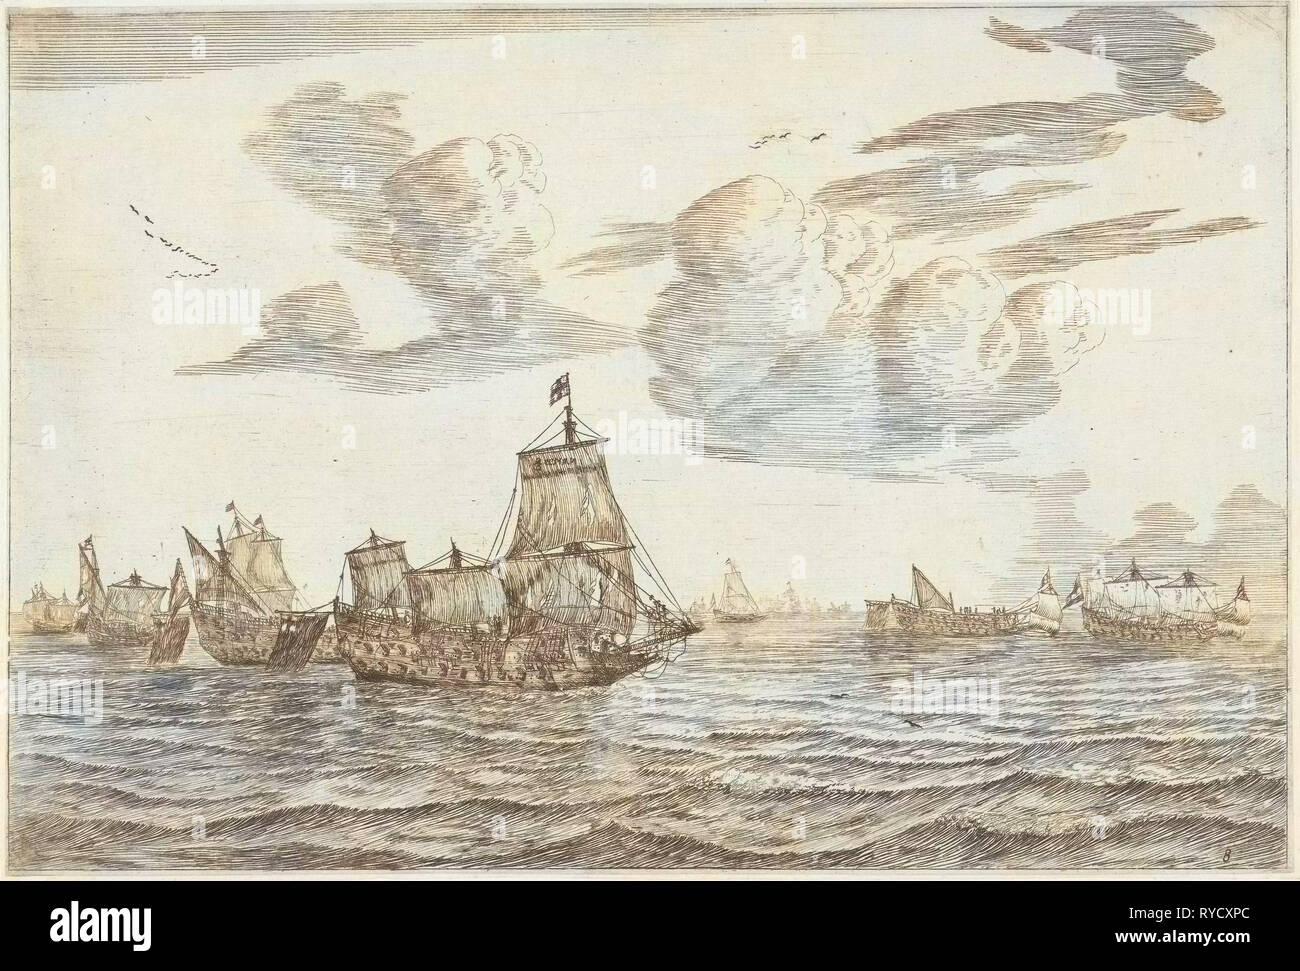 Después de la batalla, Reinier Nooms, 1652 - 1670 Imagen De Stock